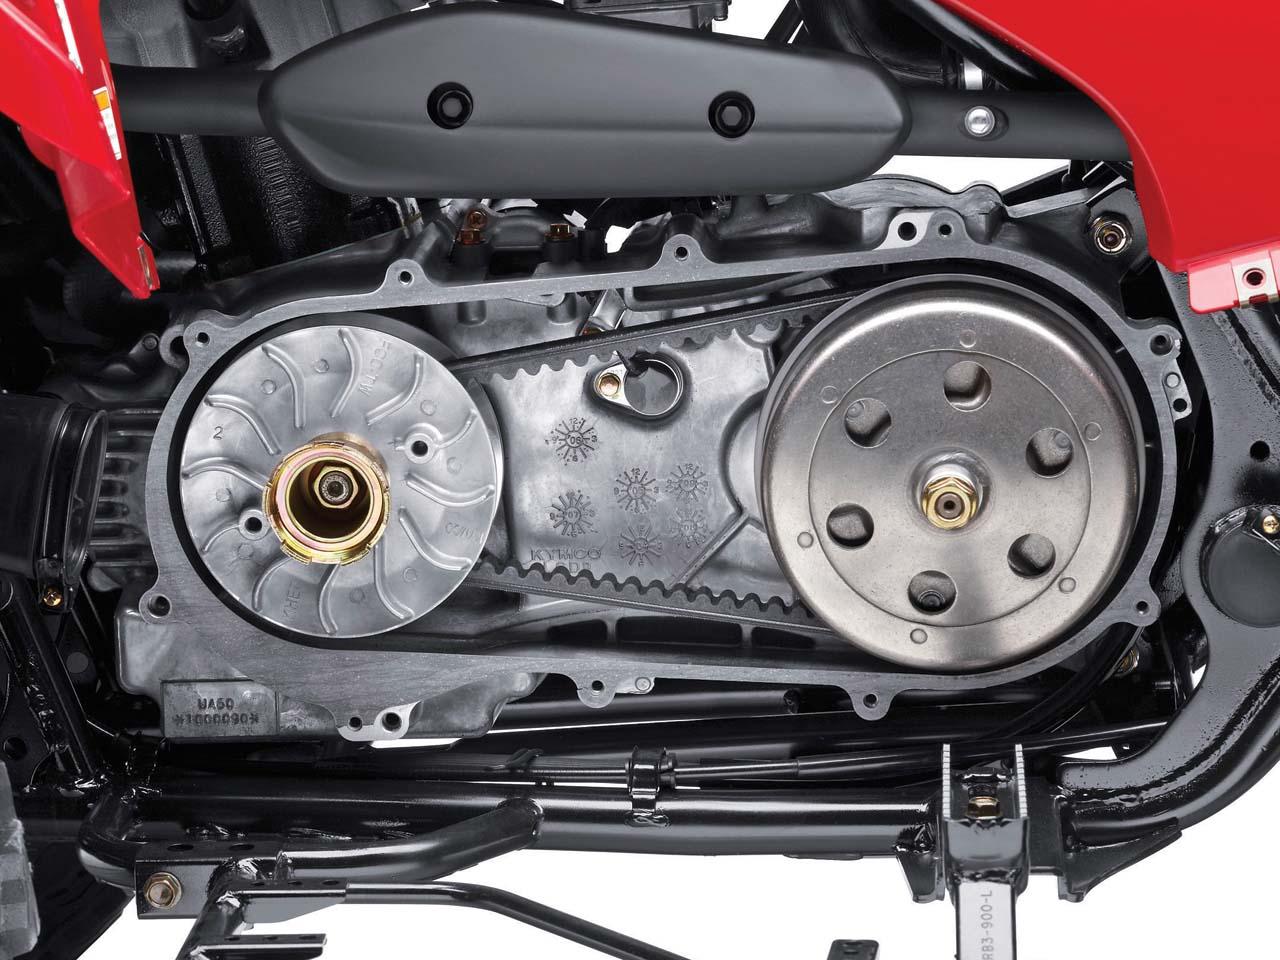 2012 Kawasaki Brute Force 300 review – Kawasaki Brute Force 300 Engine Diagram